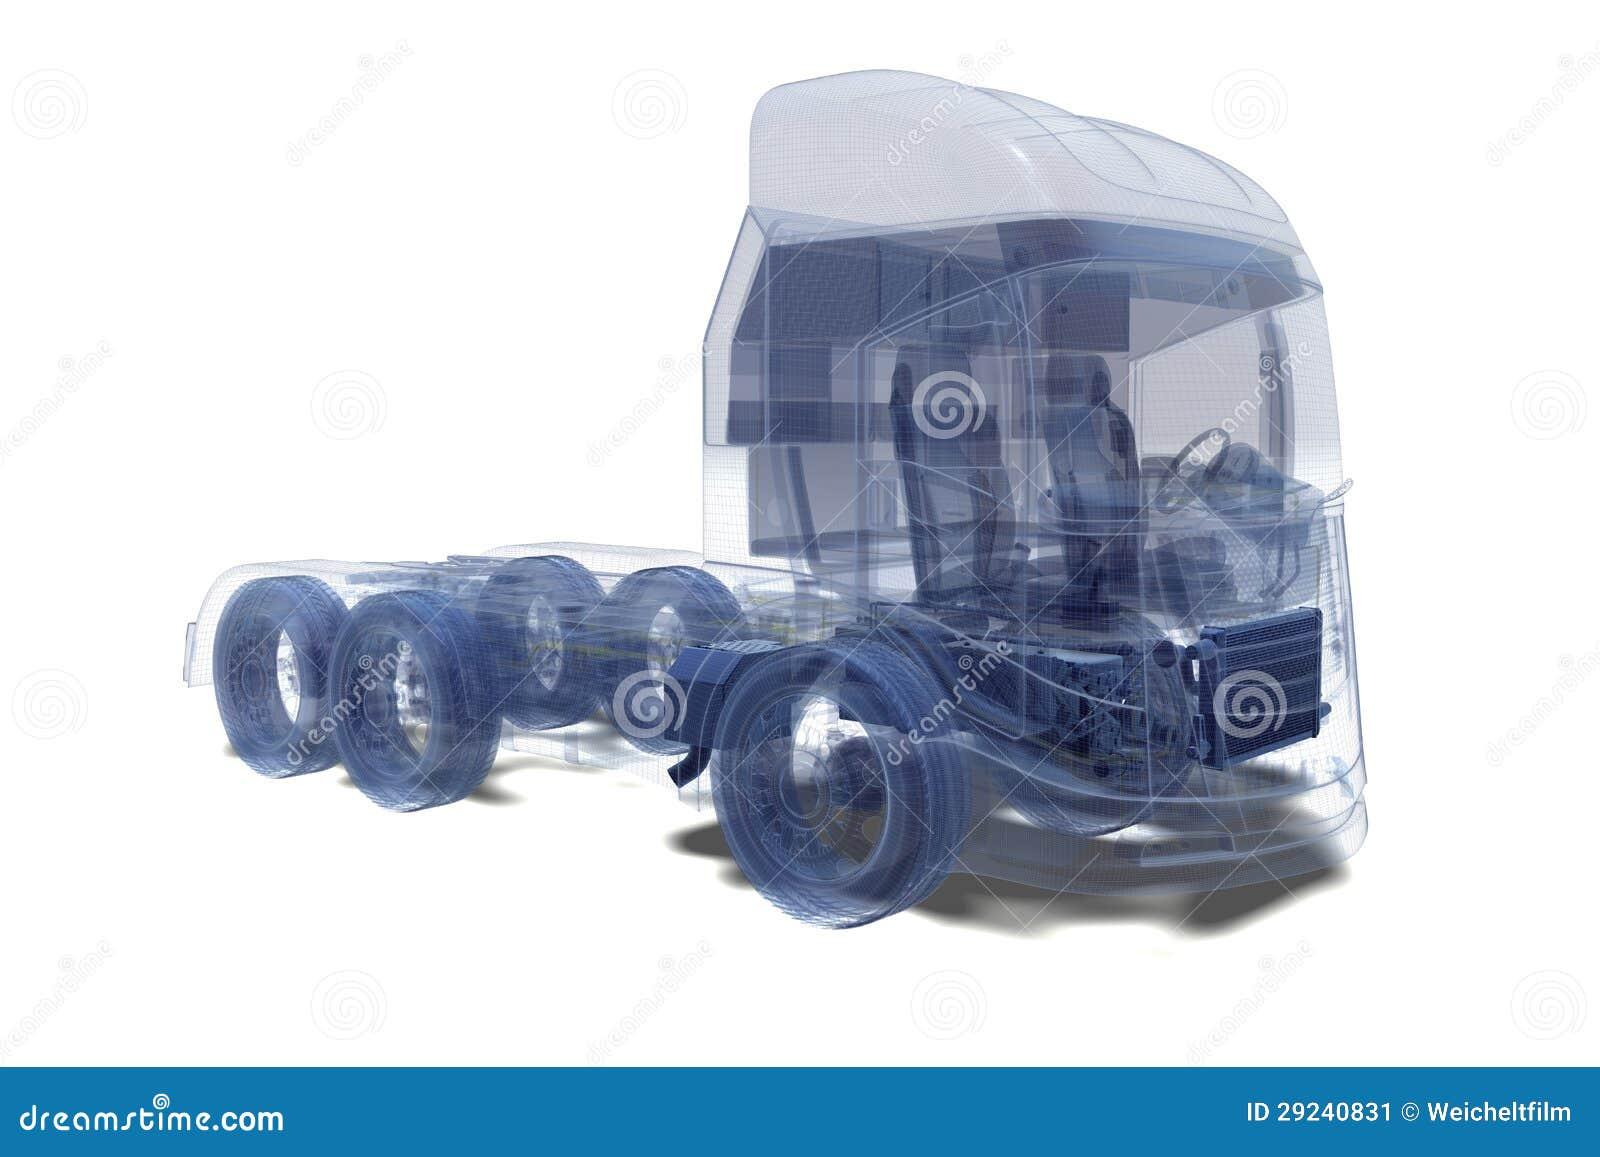 Download Caminhão super ilustração stock. Ilustração de engranzamento - 29240831